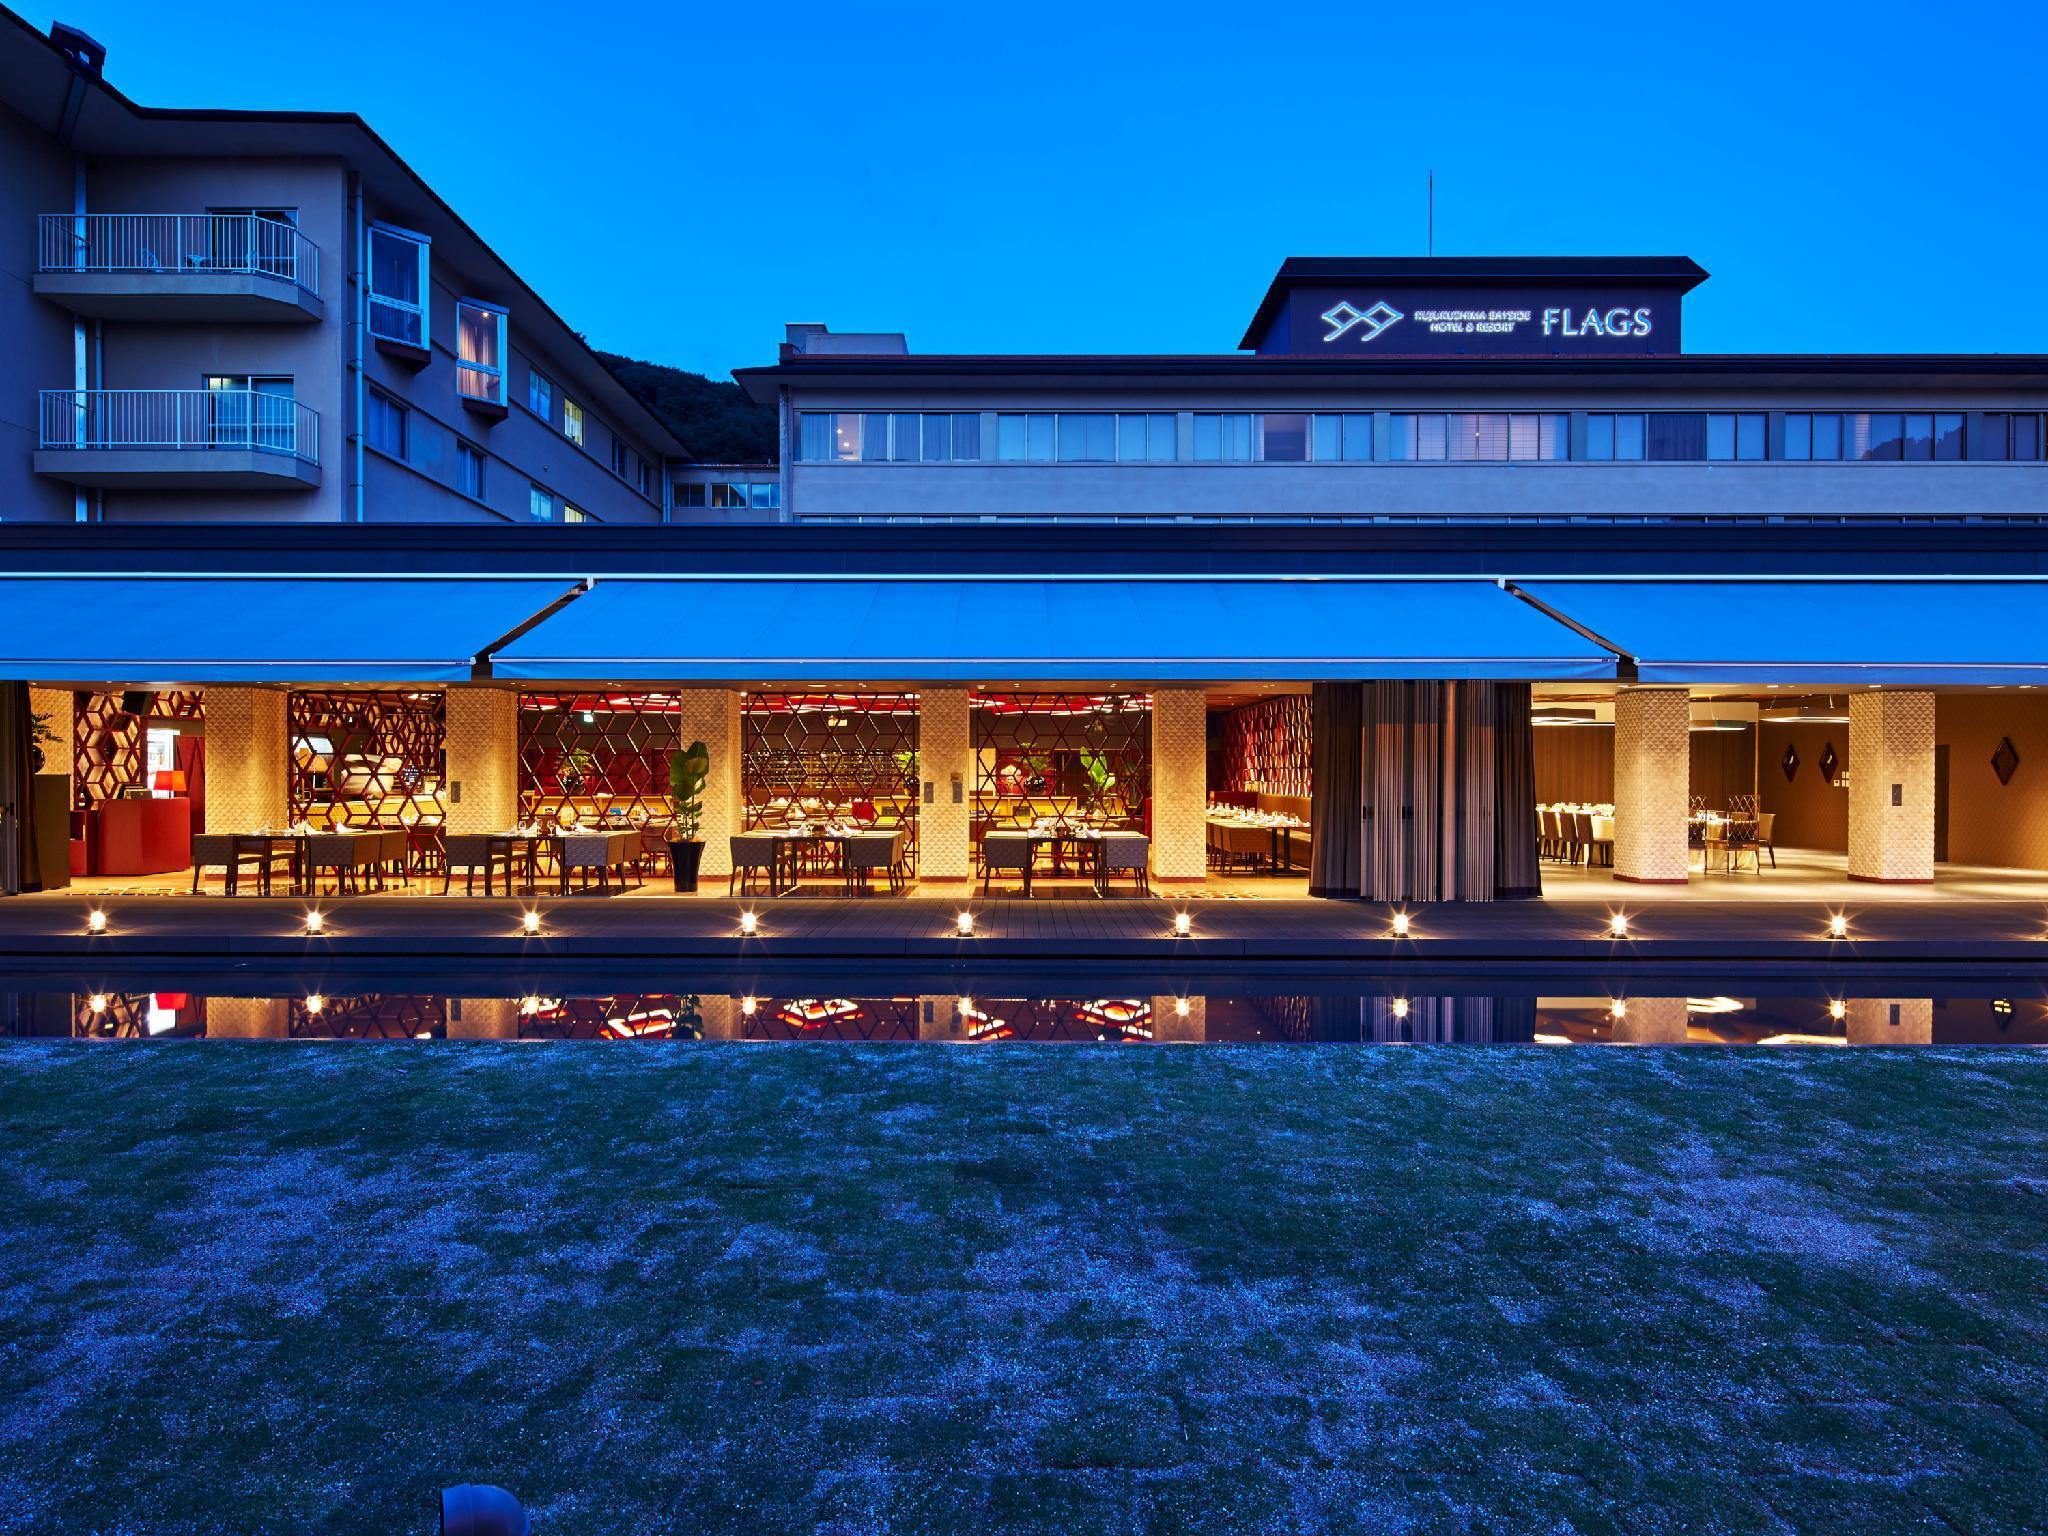 Hotel Flags Kuju Kusima